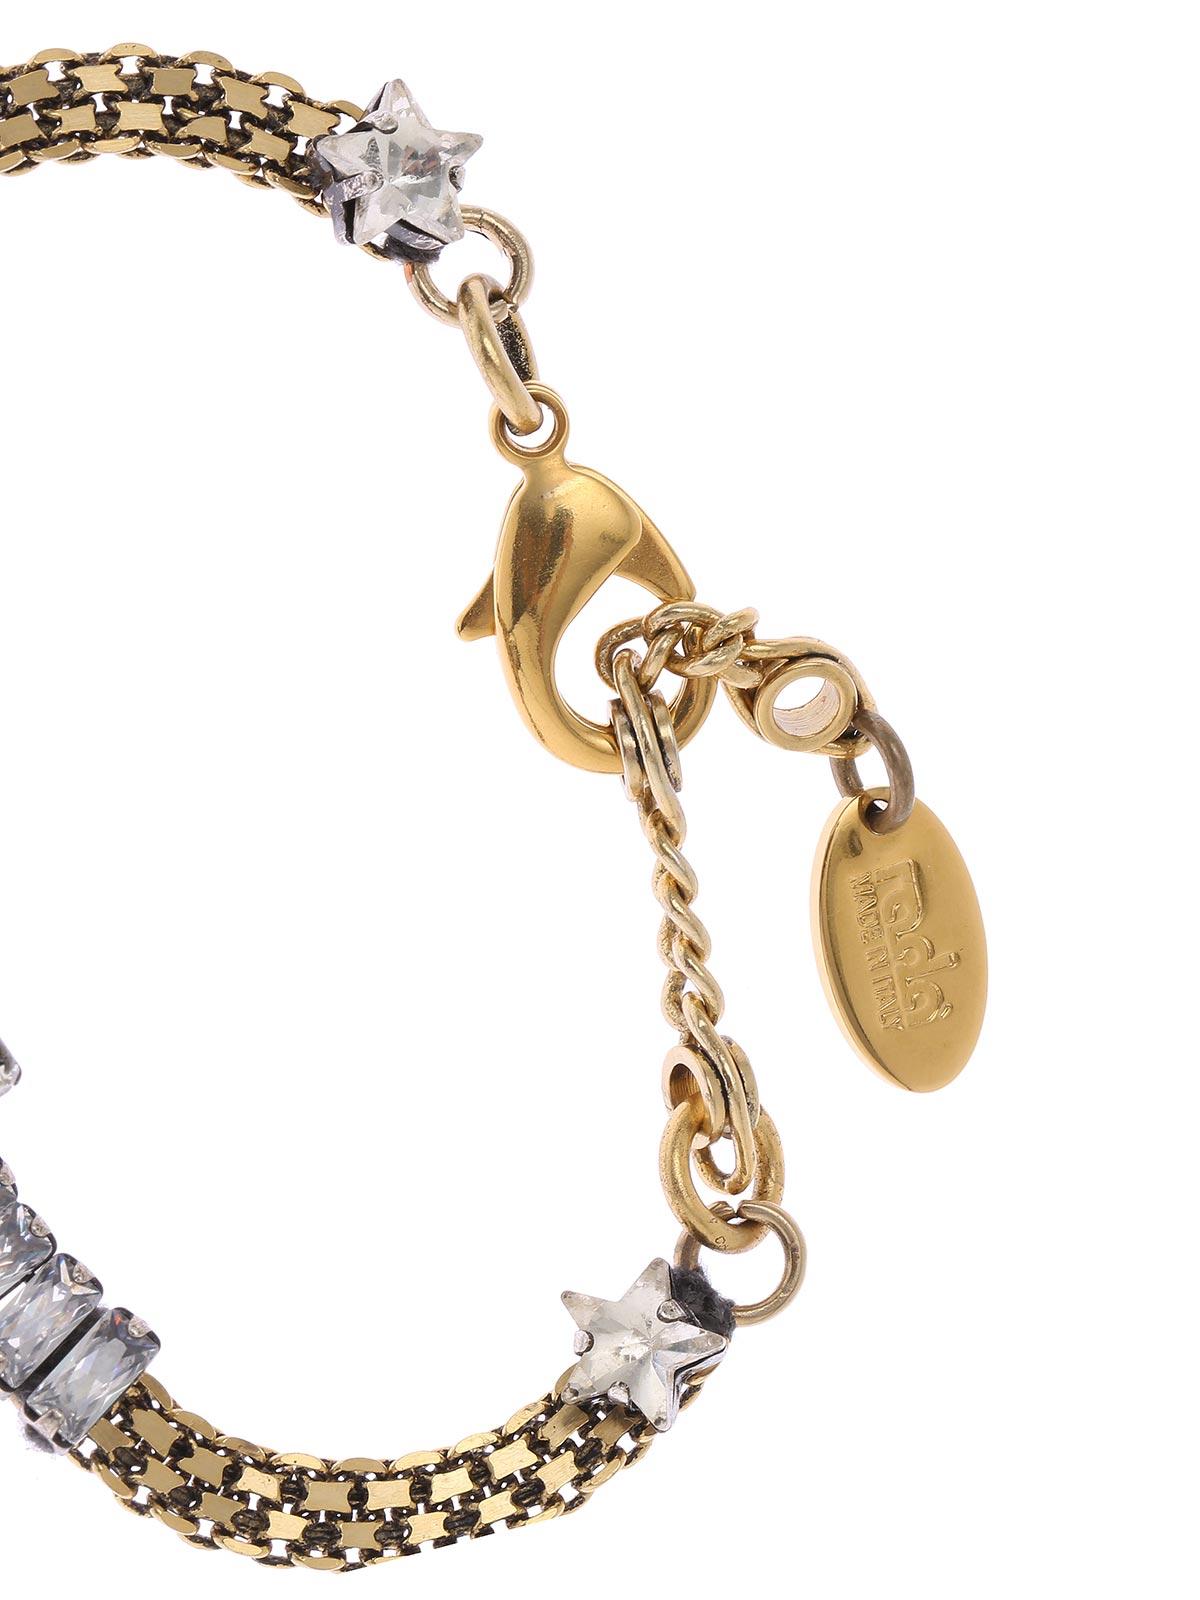 Bracciale a catena con ariete e cristalli